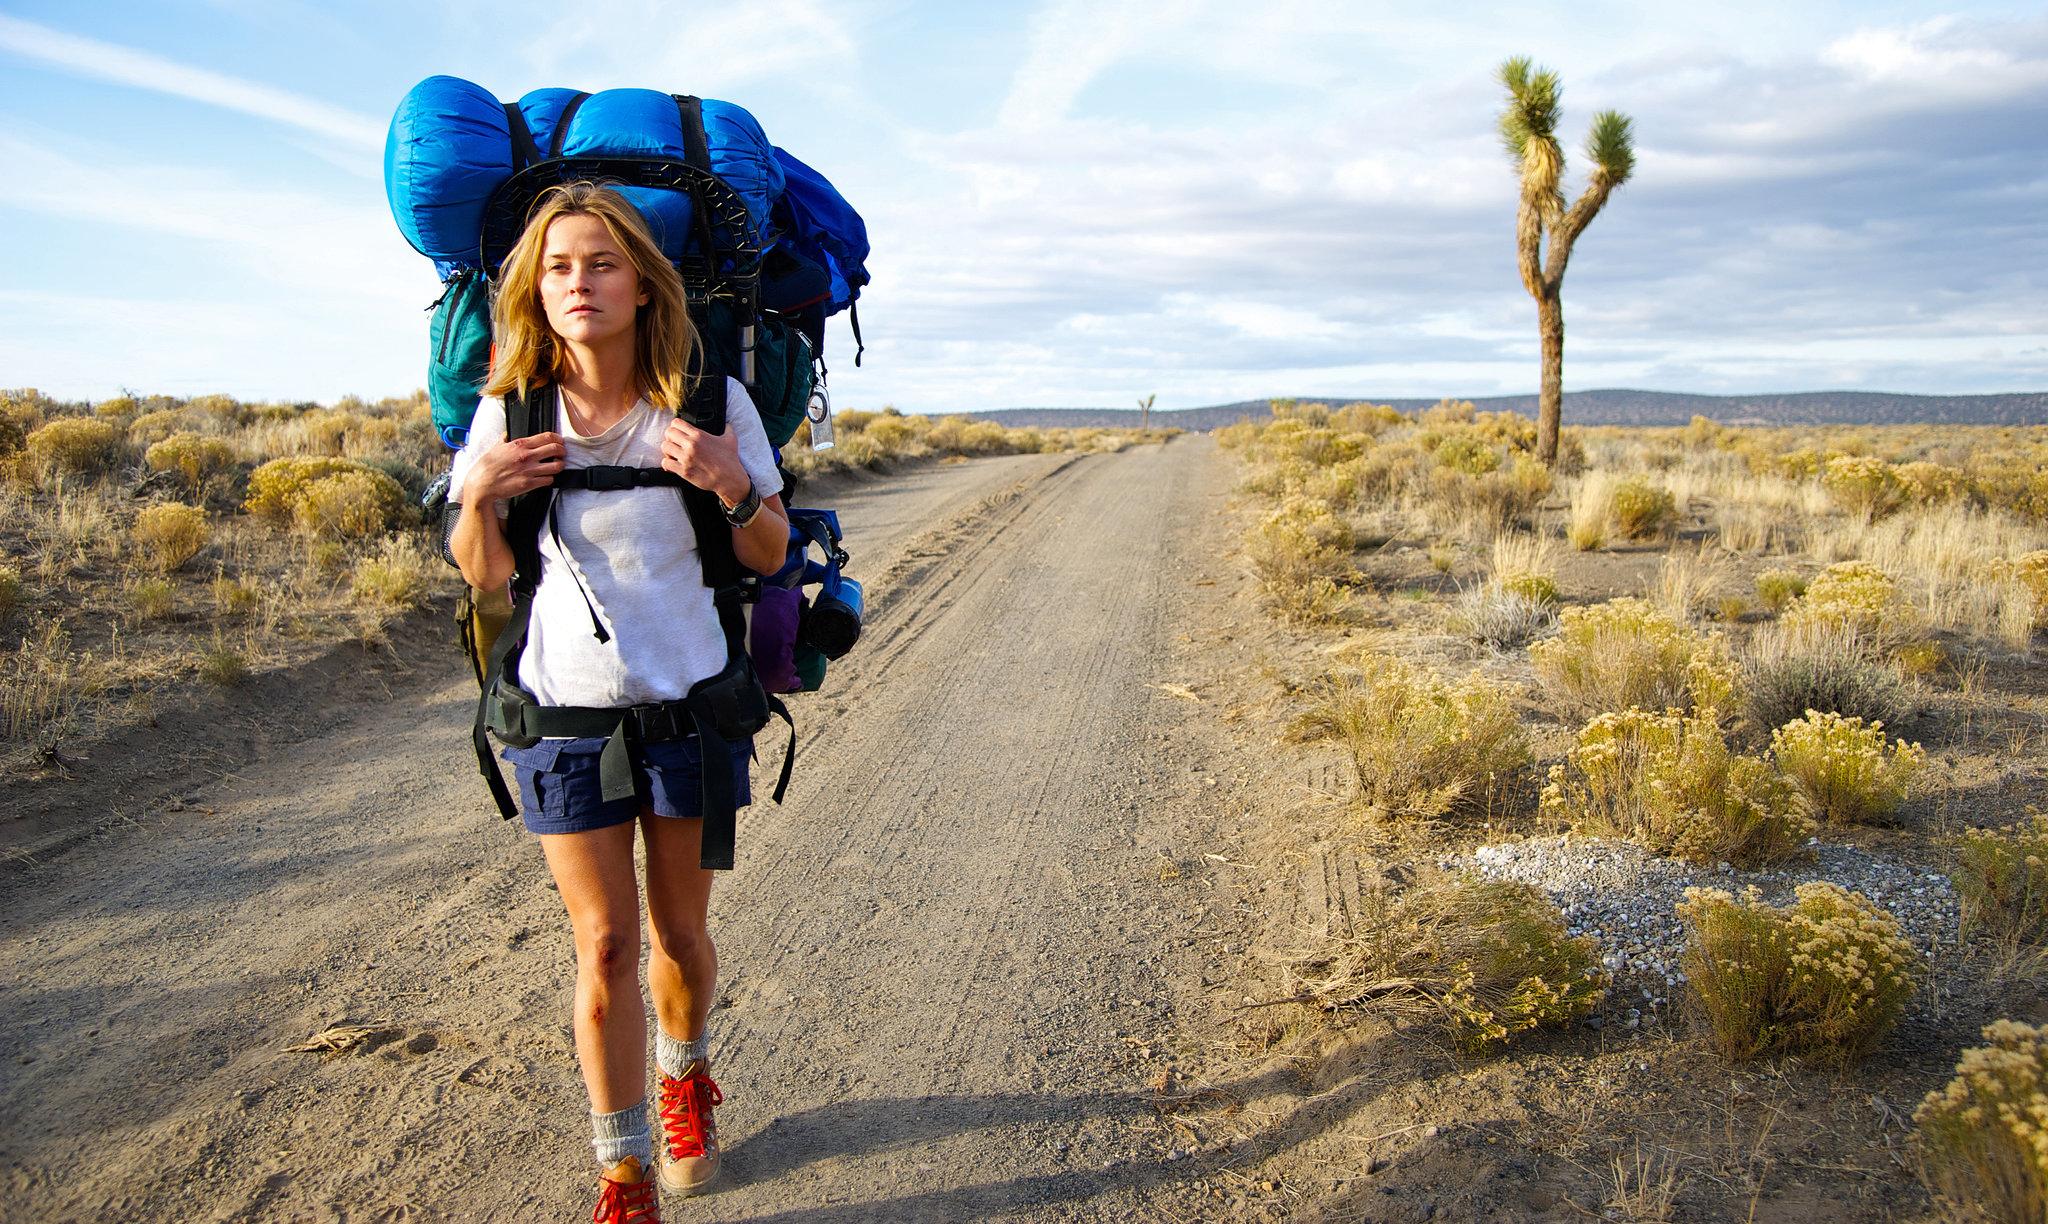 Дикая фильм - фильмы о путешествиях в одиночку